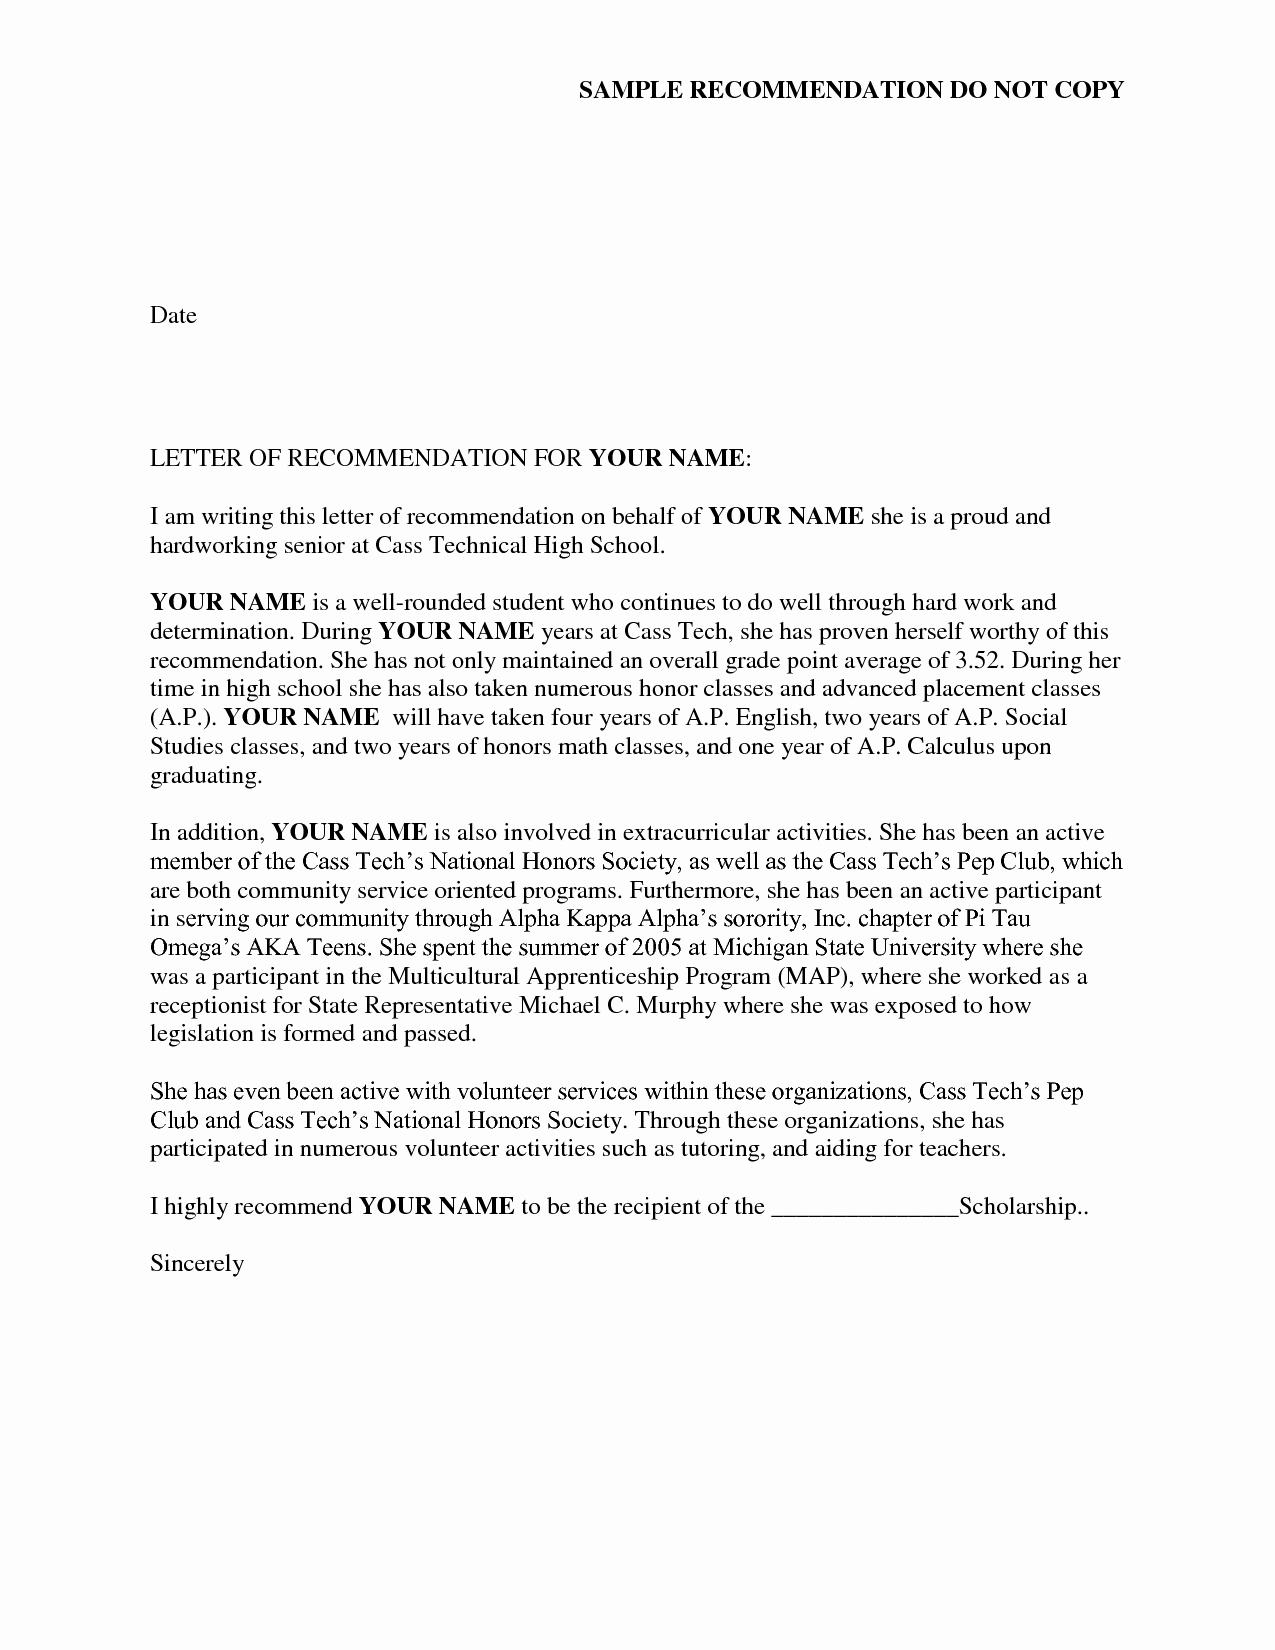 Sorority Recommendation Letter Sample Fresh Reference Letter Of Re Mendation Sample